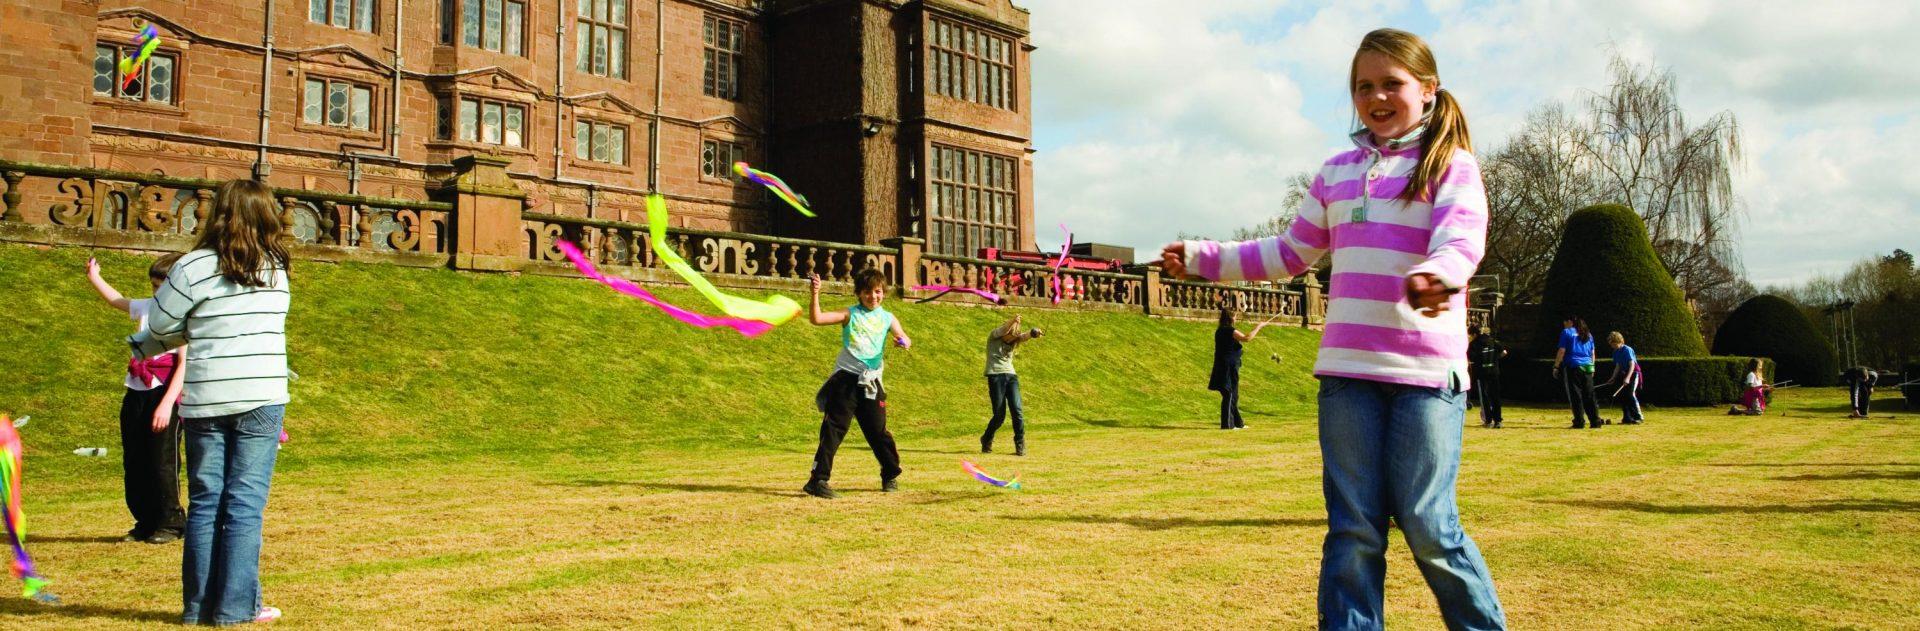 Circus Skills at Condover Hall